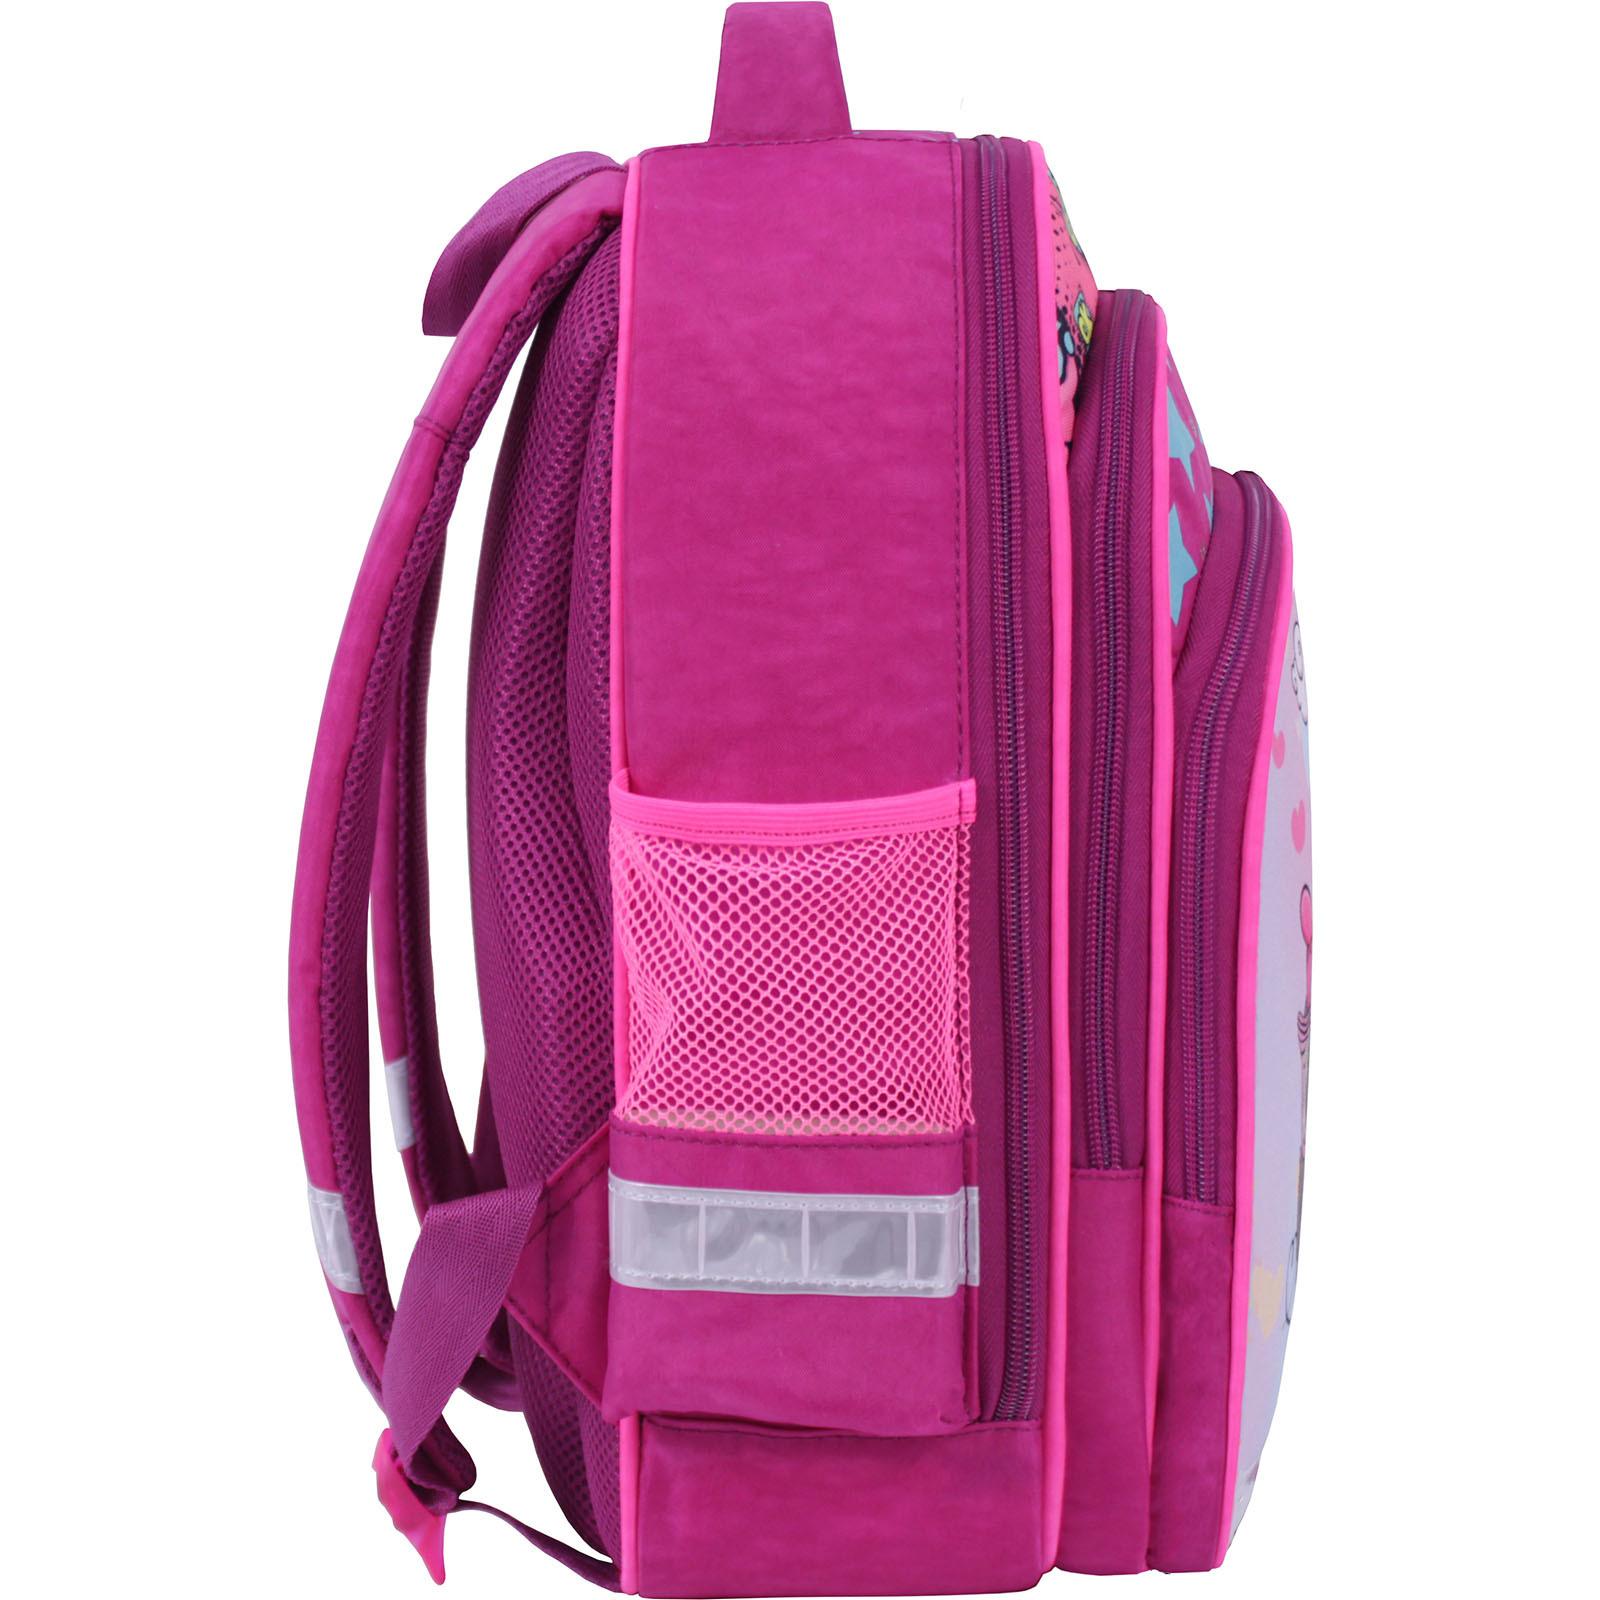 Рюкзак школьный Bagland Mouse 143 малиновый 515 (0051370) фото 2